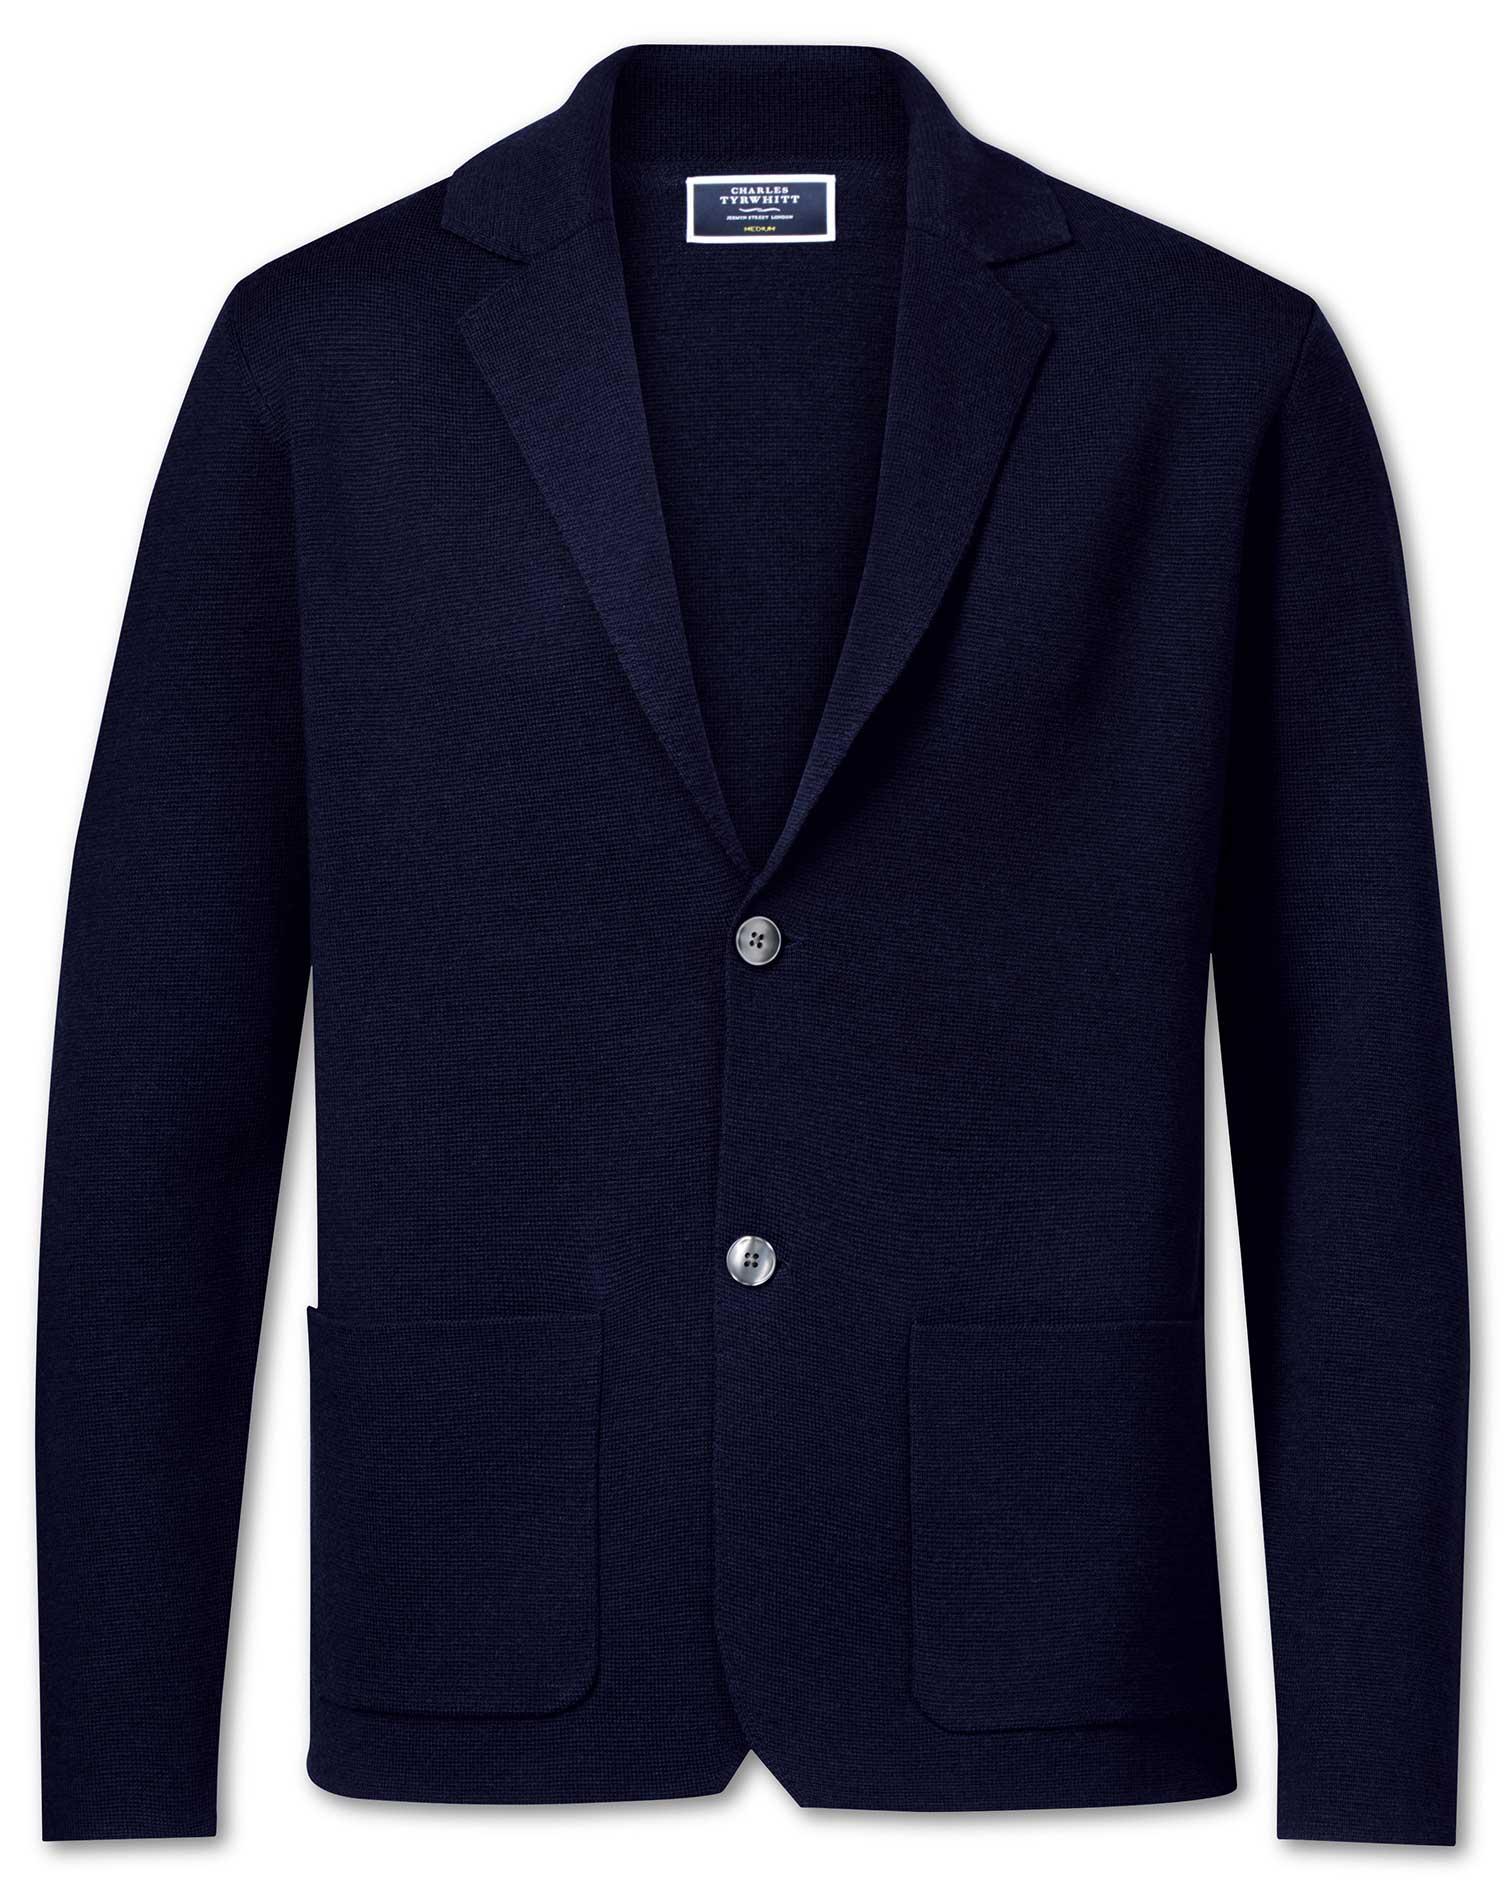 Navy Merino Wool Blazer Size Medium by Charles Tyrwhitt